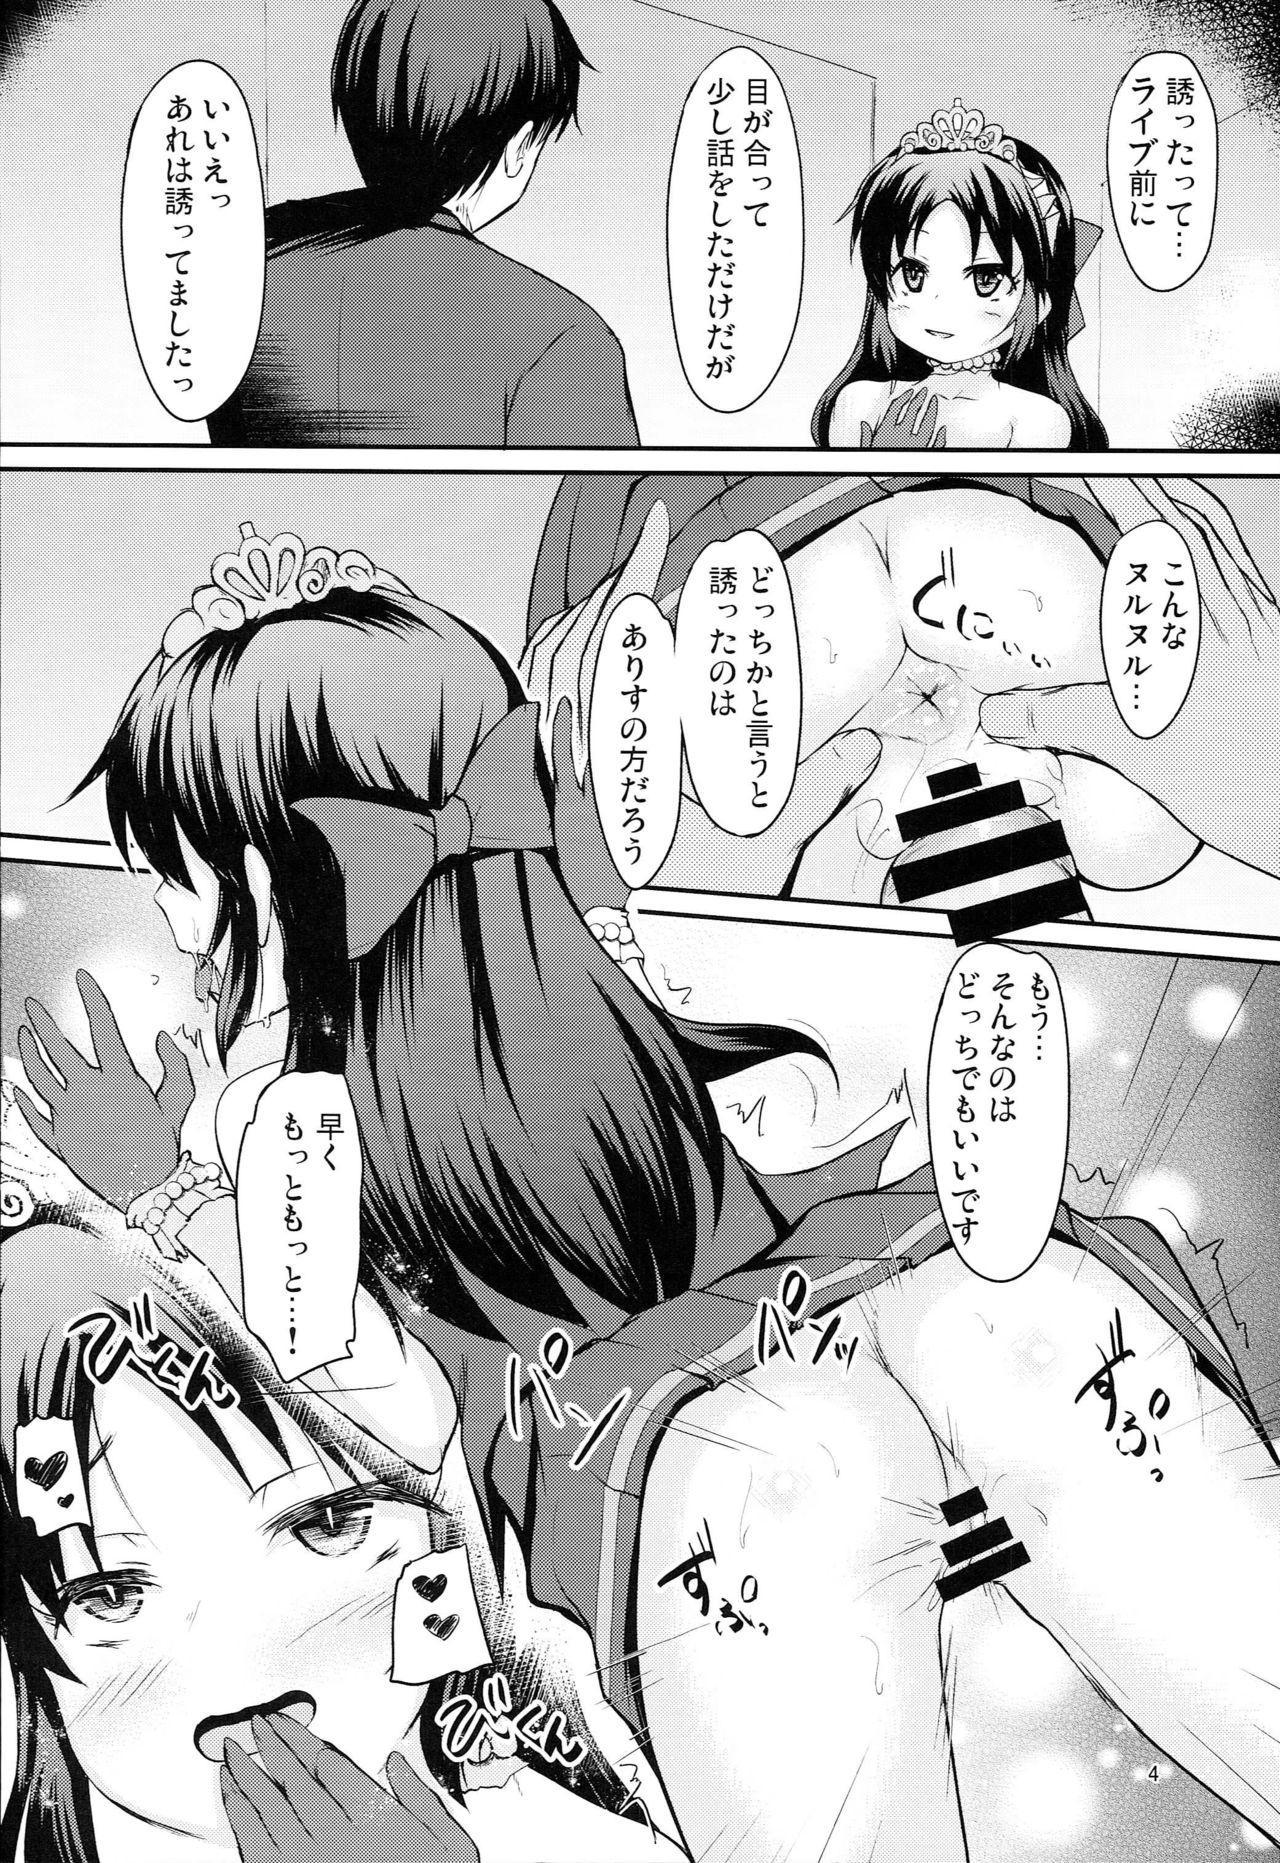 Arisu to Momoka no Oaji wa Ikaga 2